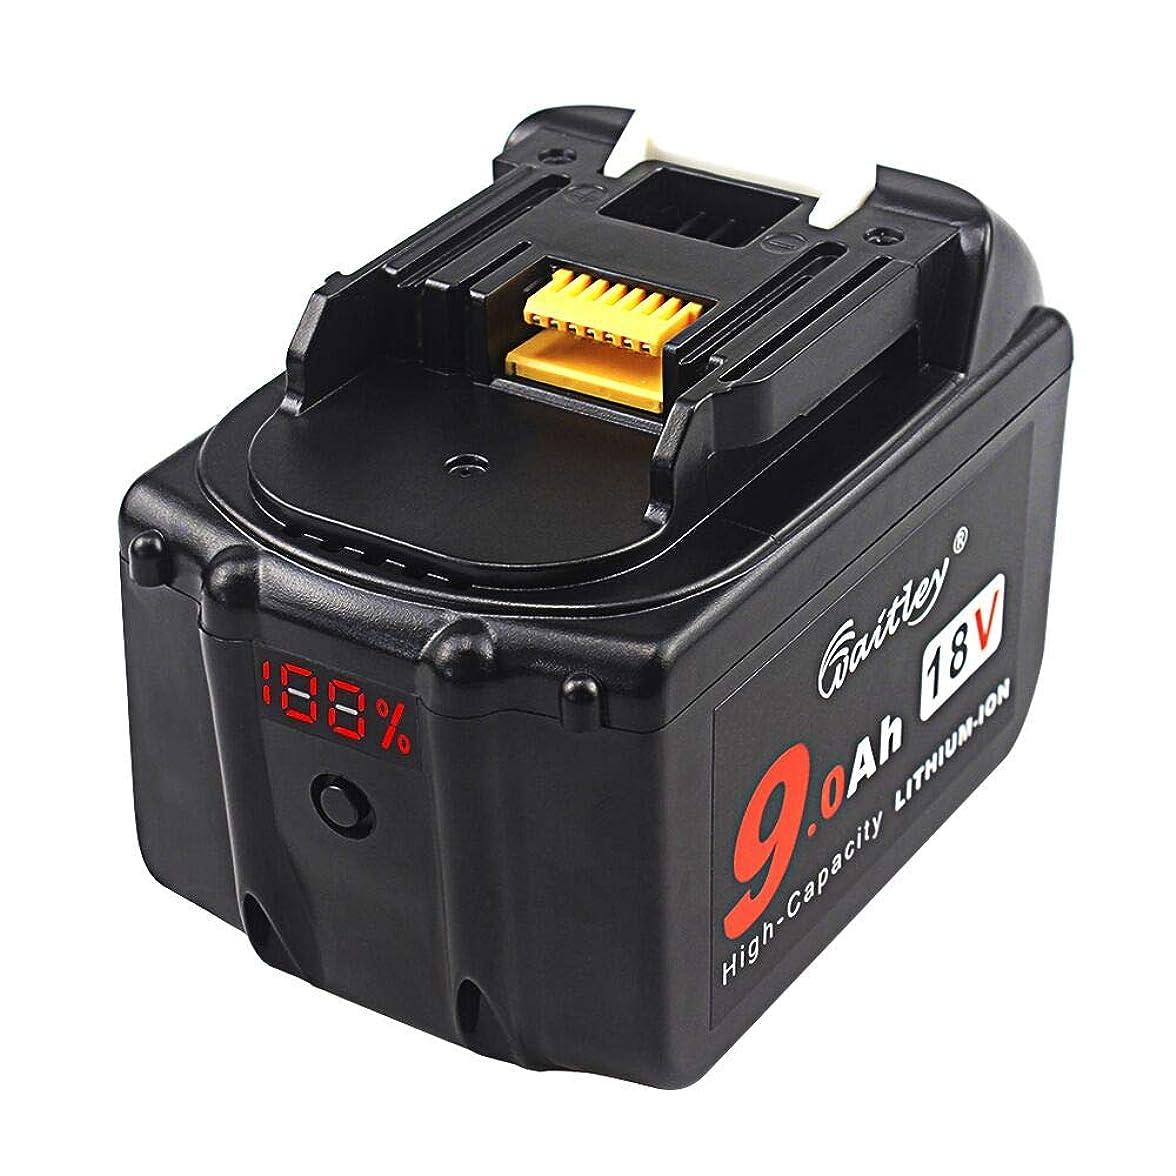 回答スラムカプラーマキタ BL1830 18V 互換 バッテリー 9.0Ah Makita BL1890 9000mah 大容量電池%LED残量表示 DC18RC DC18RA 急速充電